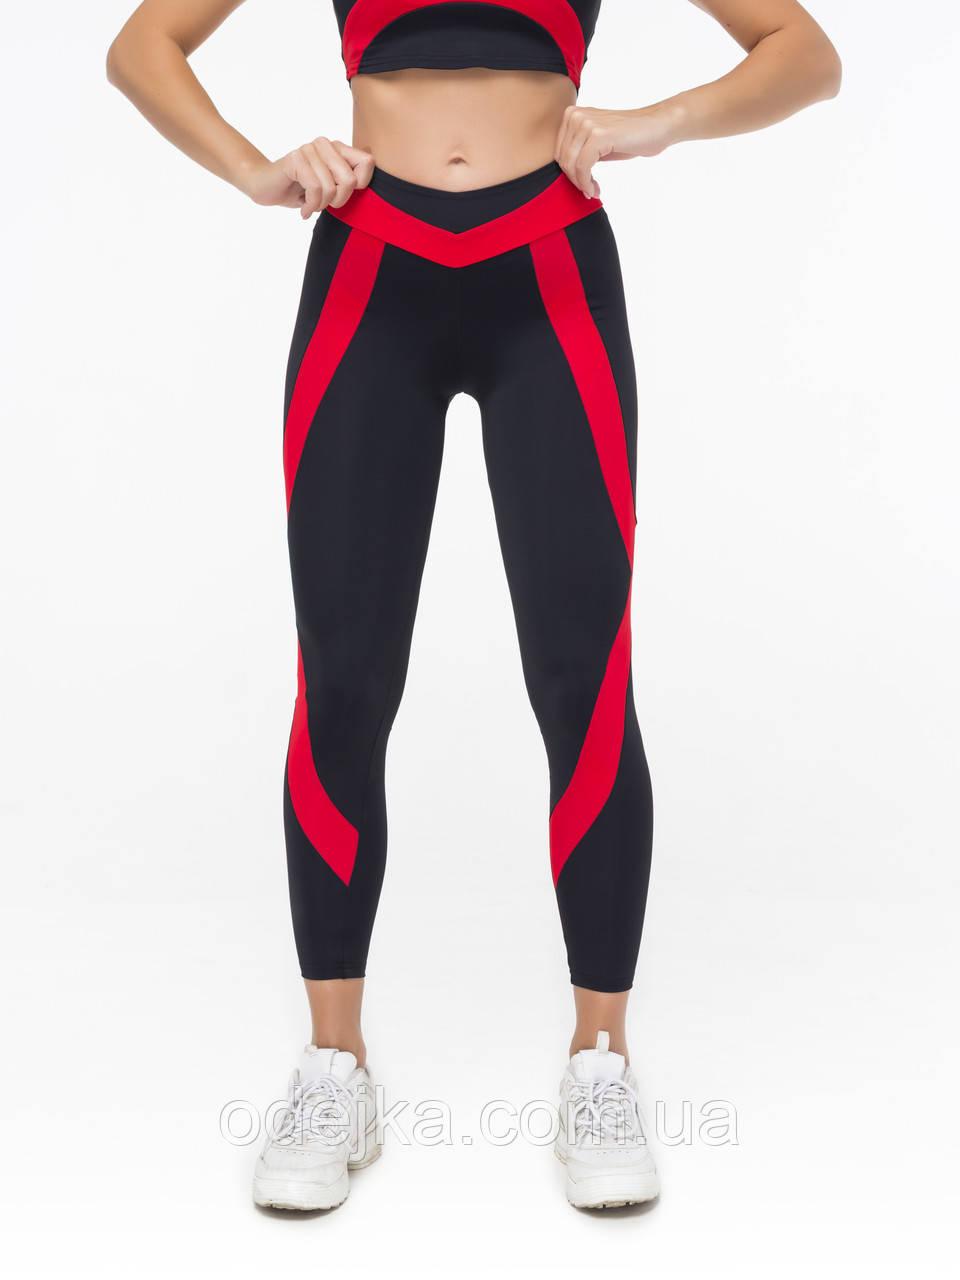 Жіночі спортивні жіночі NV Angel чорно-червоні